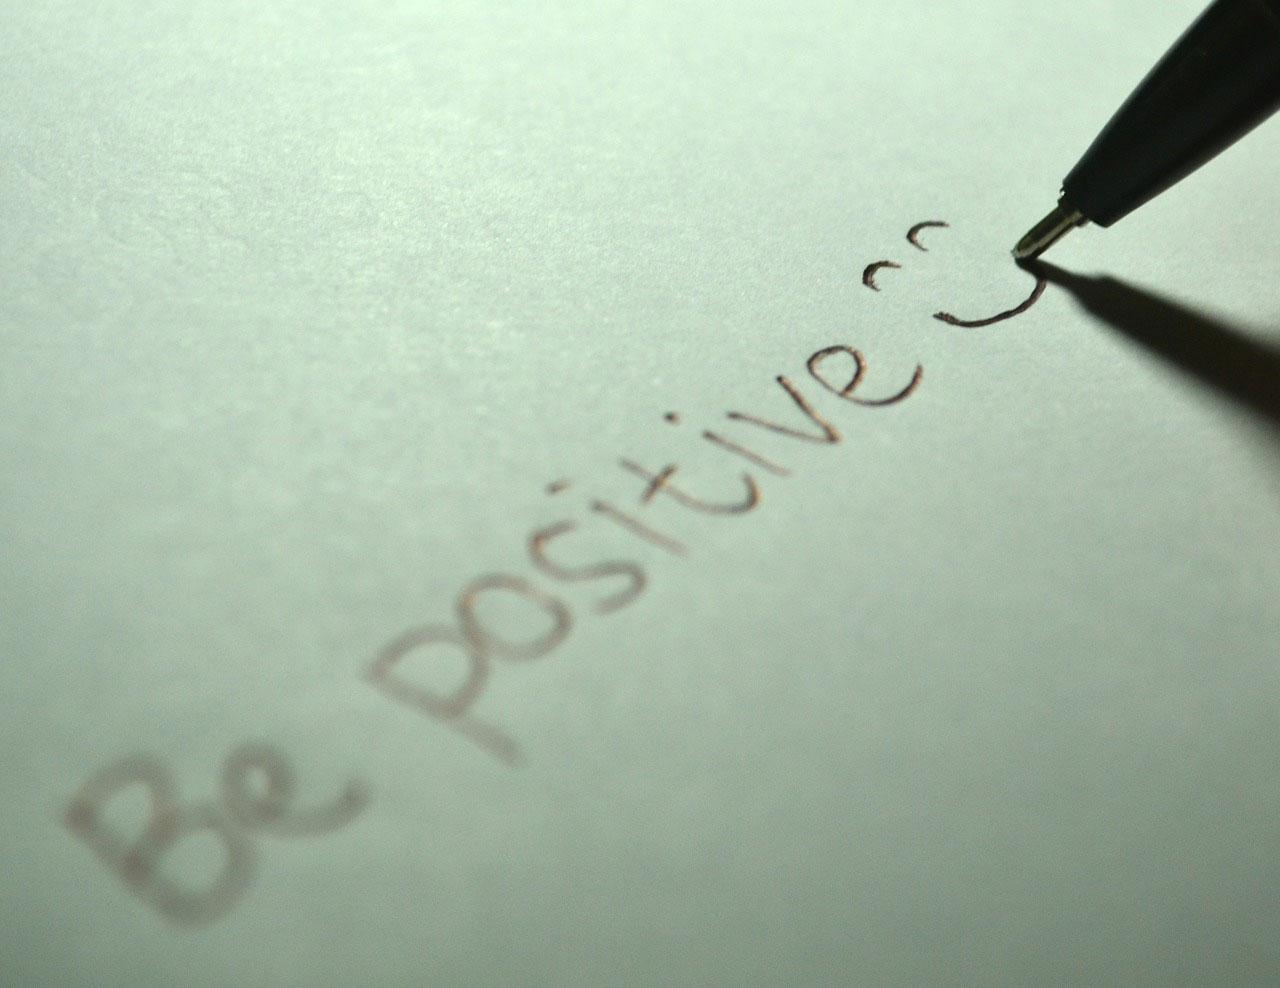 De invloed van je mindset op je succes